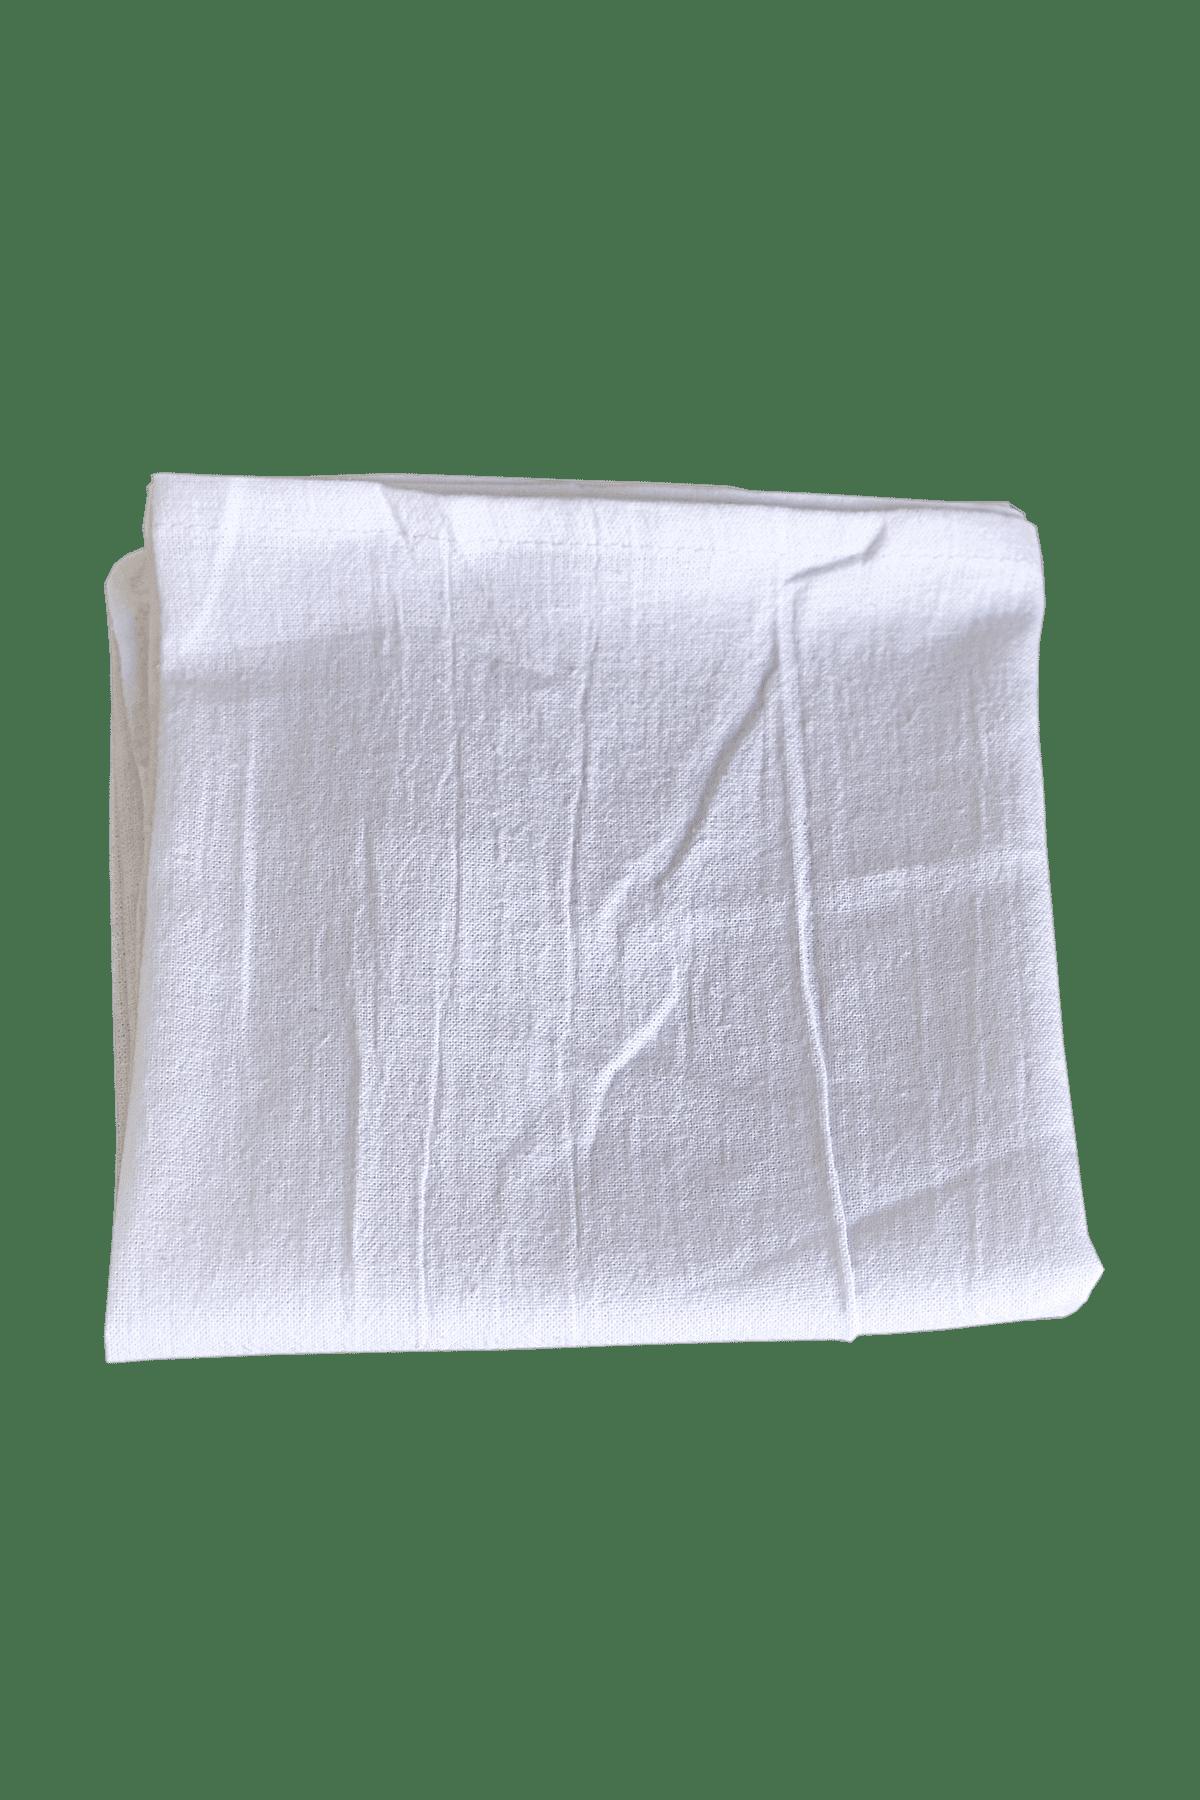 White Flour Sack Towels 29 x 29 - 12-PK Free 2 Day Shipping